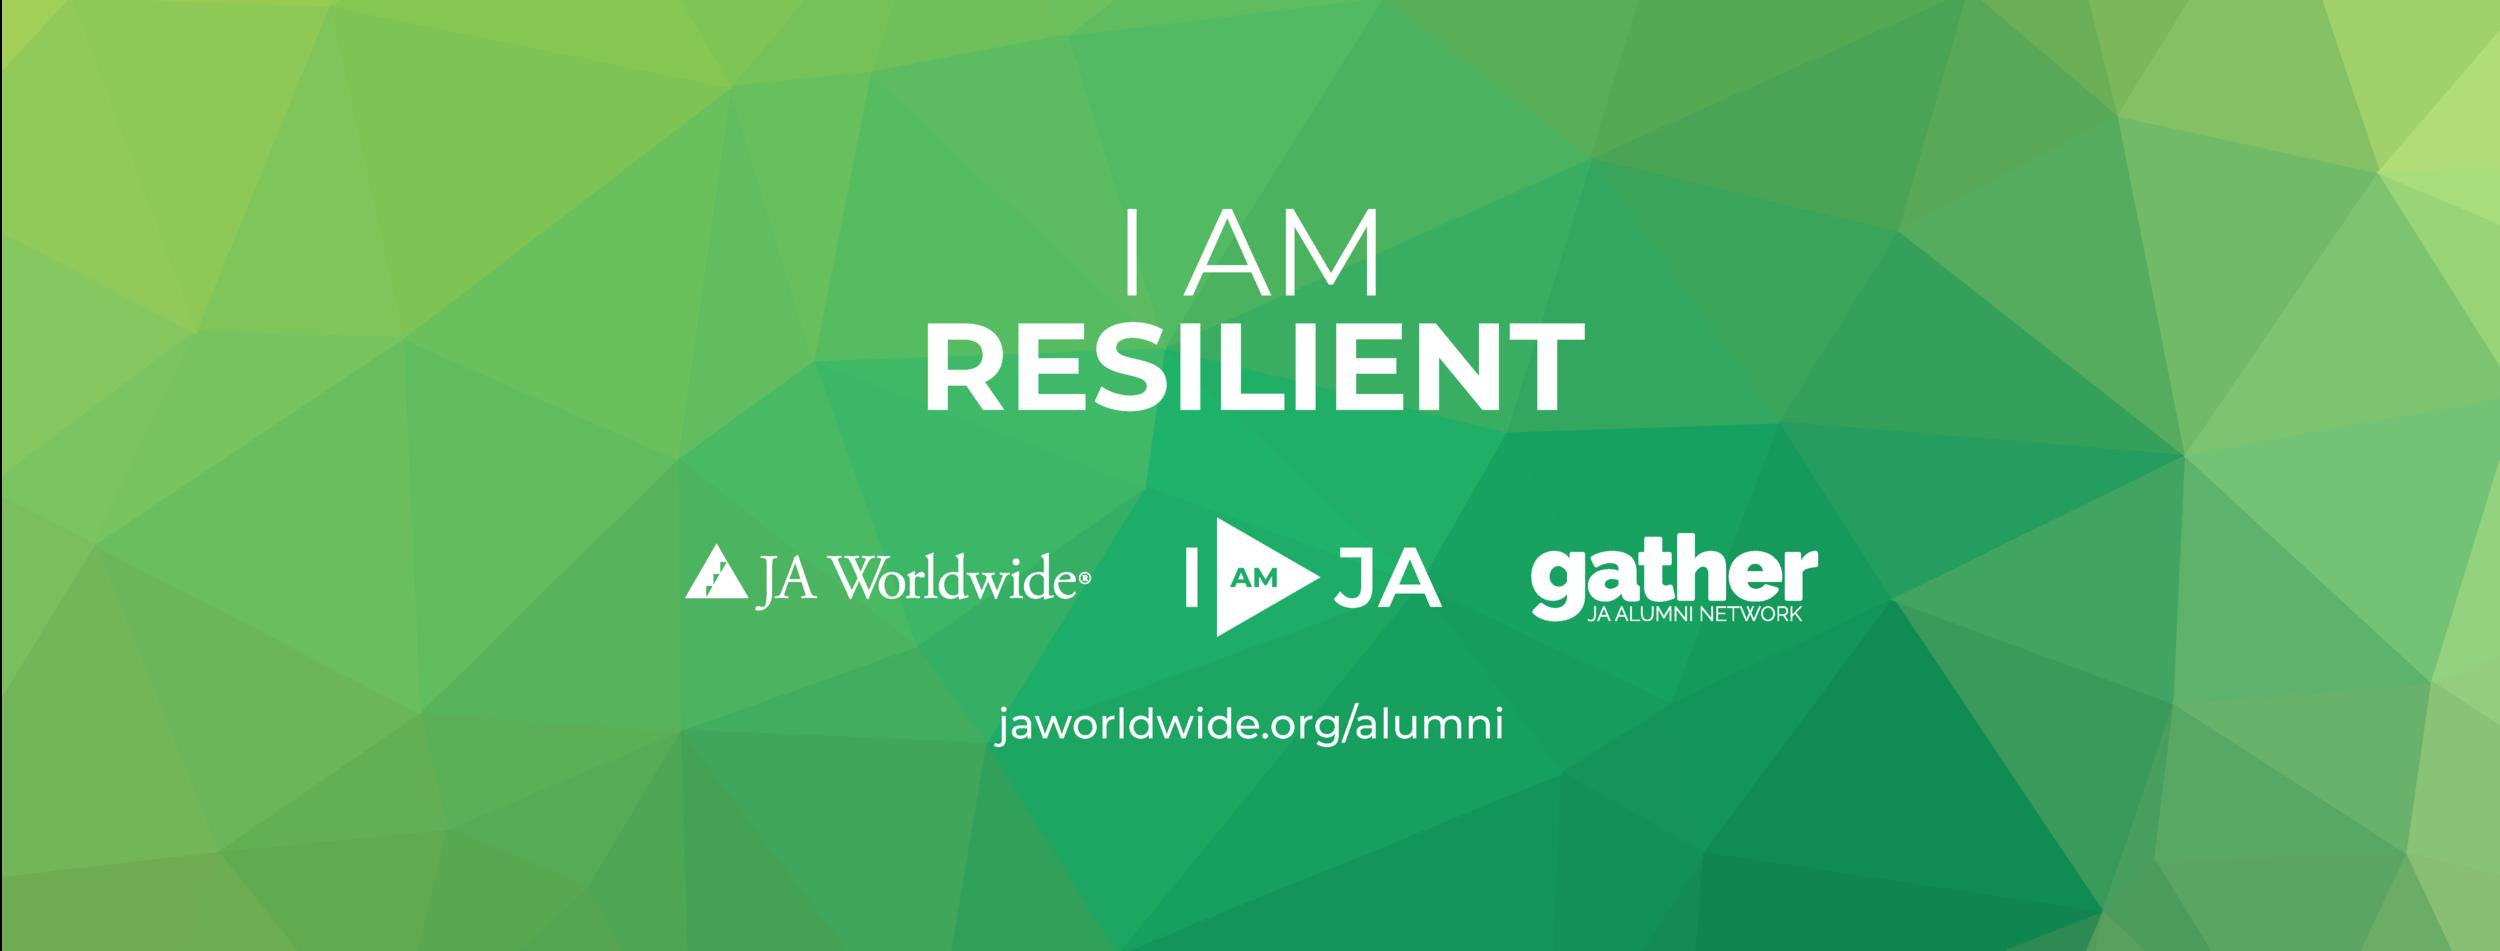 I am resilient-I am JA-Facebook banner.png